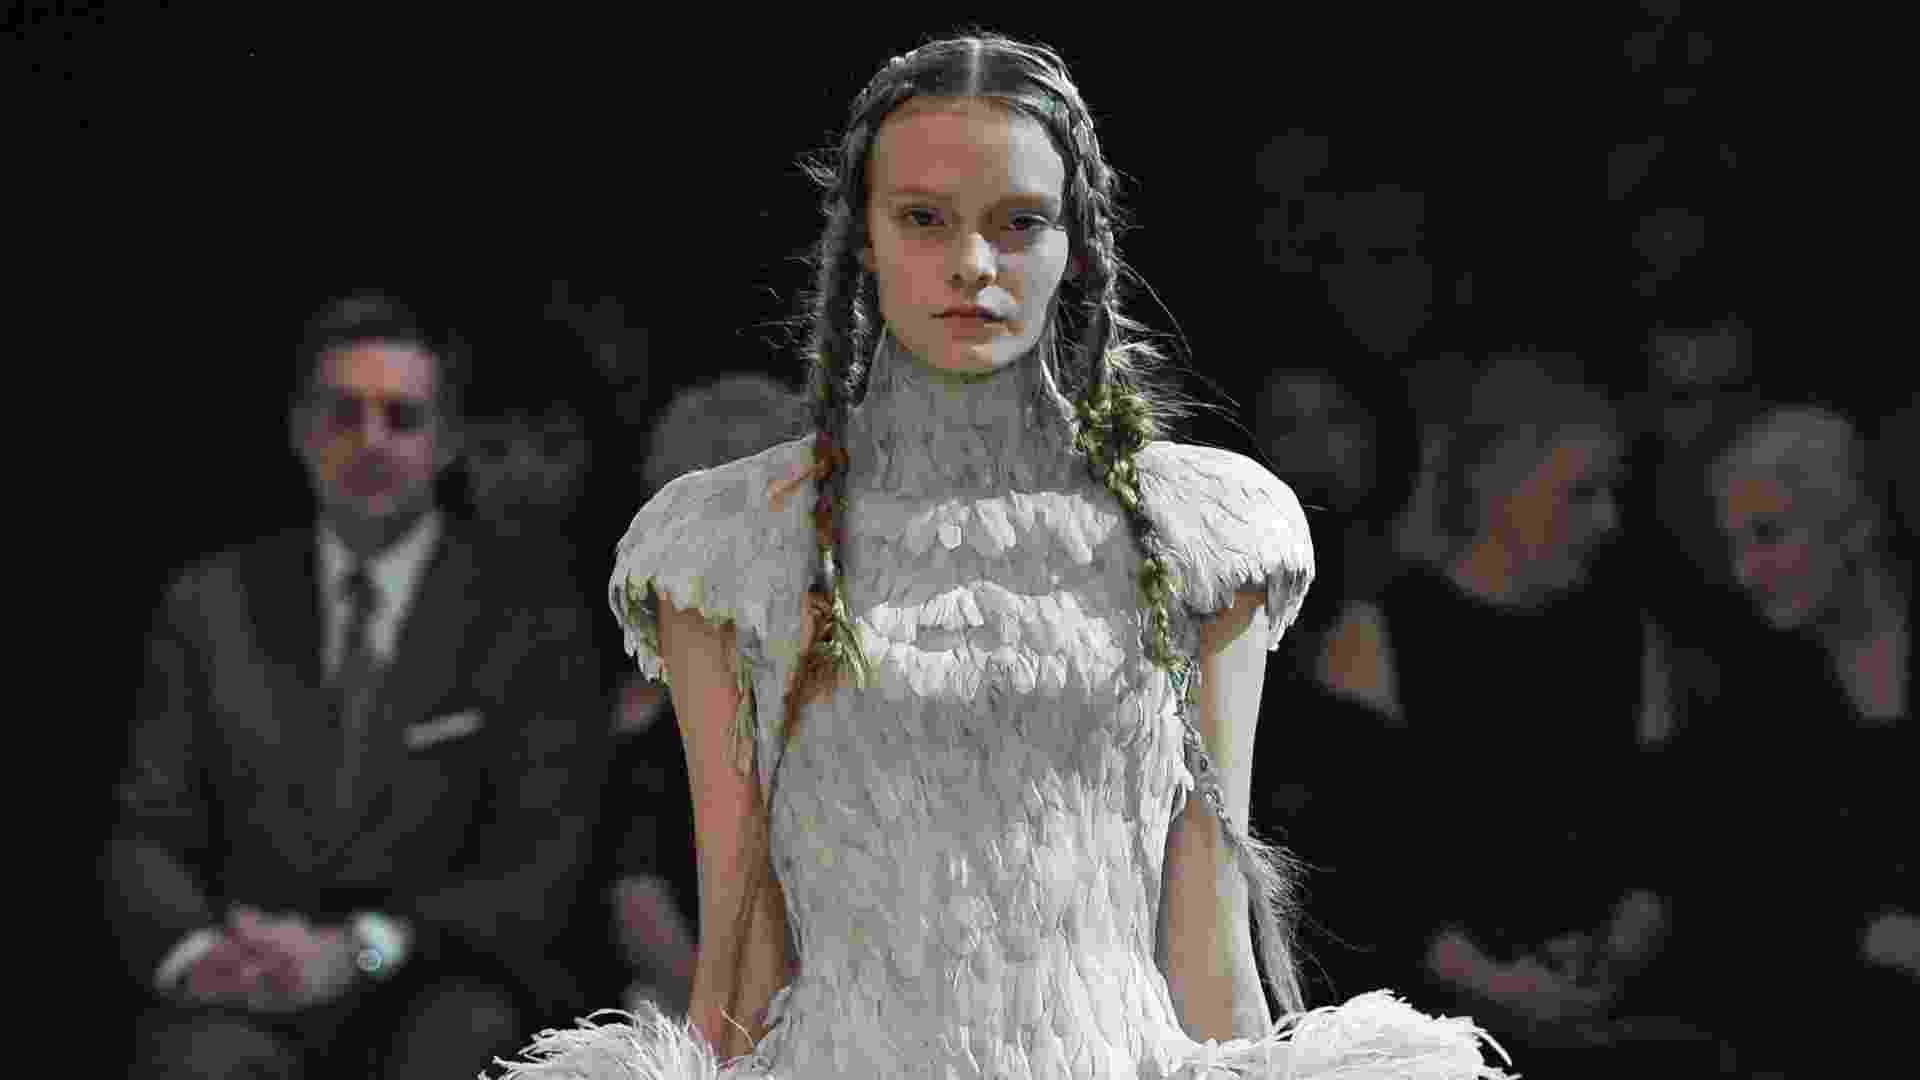 """Um dos vestidos mais atuais da mostra """"Vestidos de baile: glamour britânico desde 1950"""", no Museu Victoria & Albert, em Londres, na Inglaterra, é este da coleção de Verão 2011 da Alexander McQueen - Christopher Moore/Divulgação V&A Museum"""